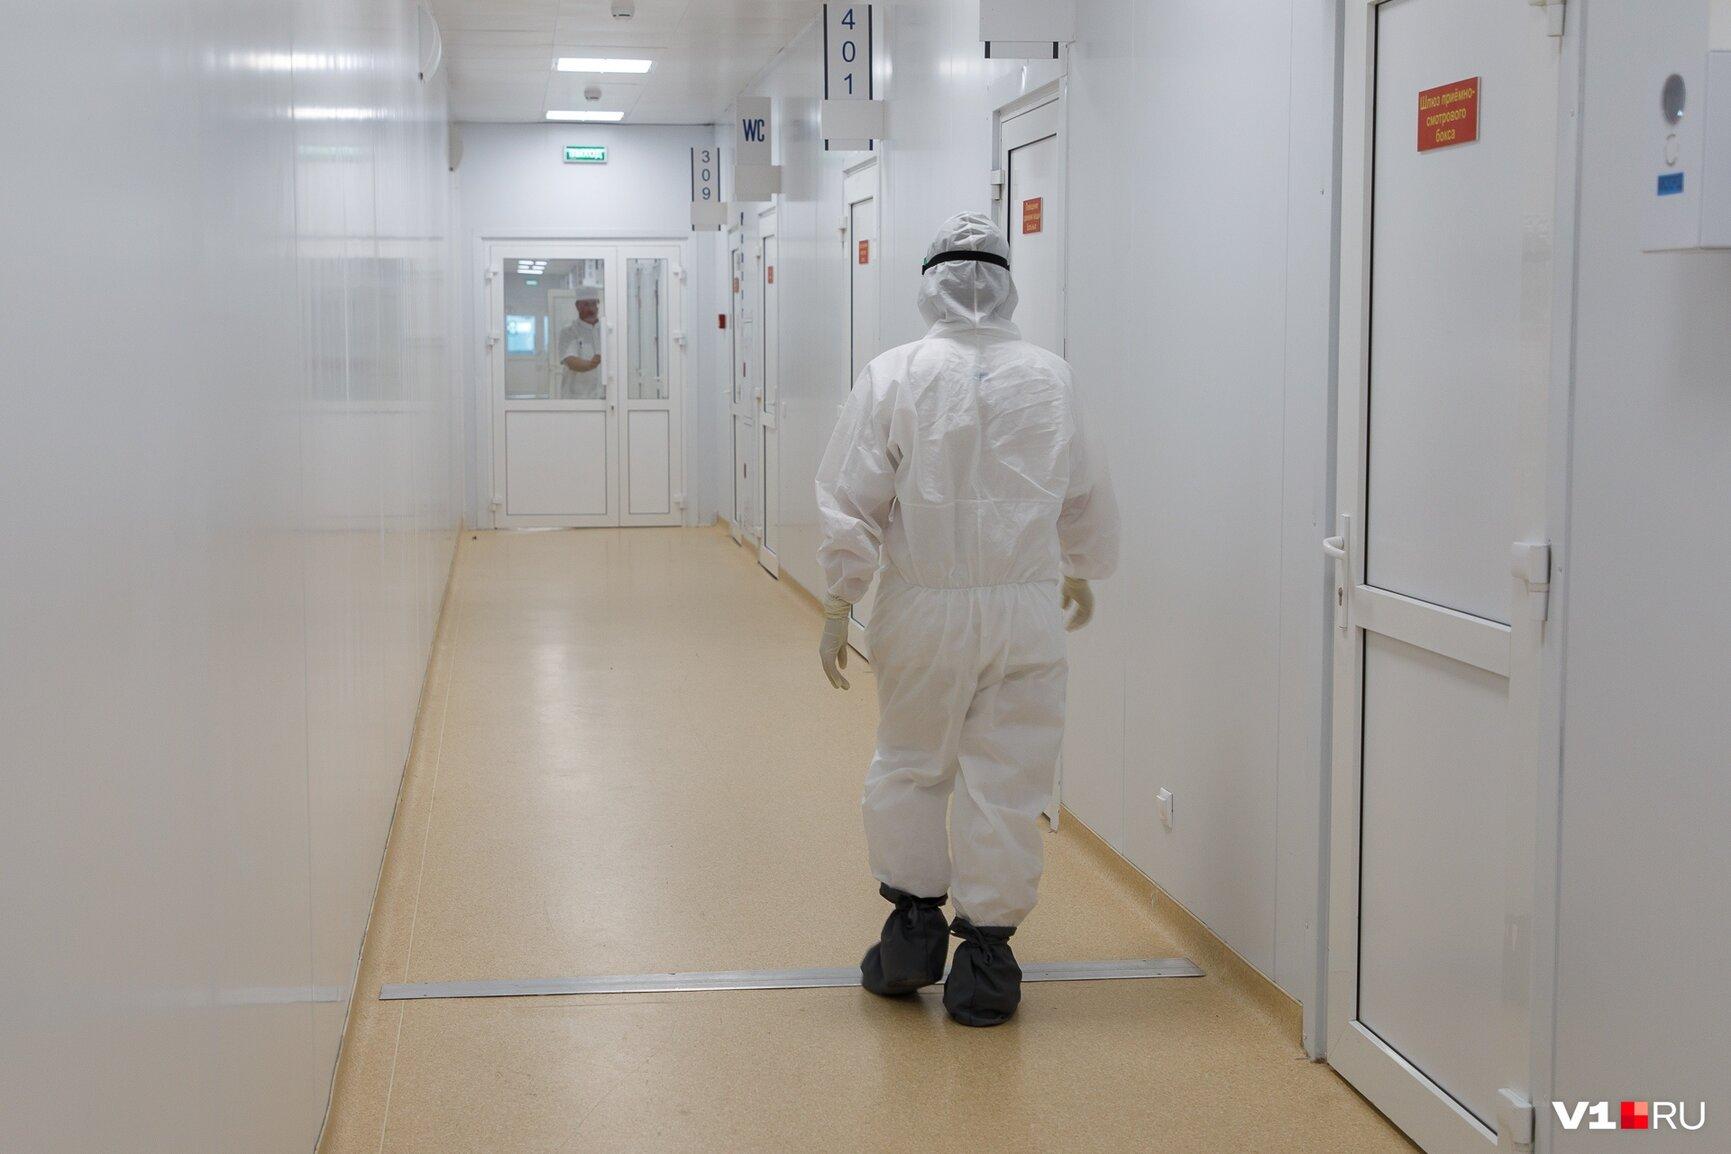 Суточное число смертей от COVID-19 в России продолжает расти. Установлен новый антирекорд